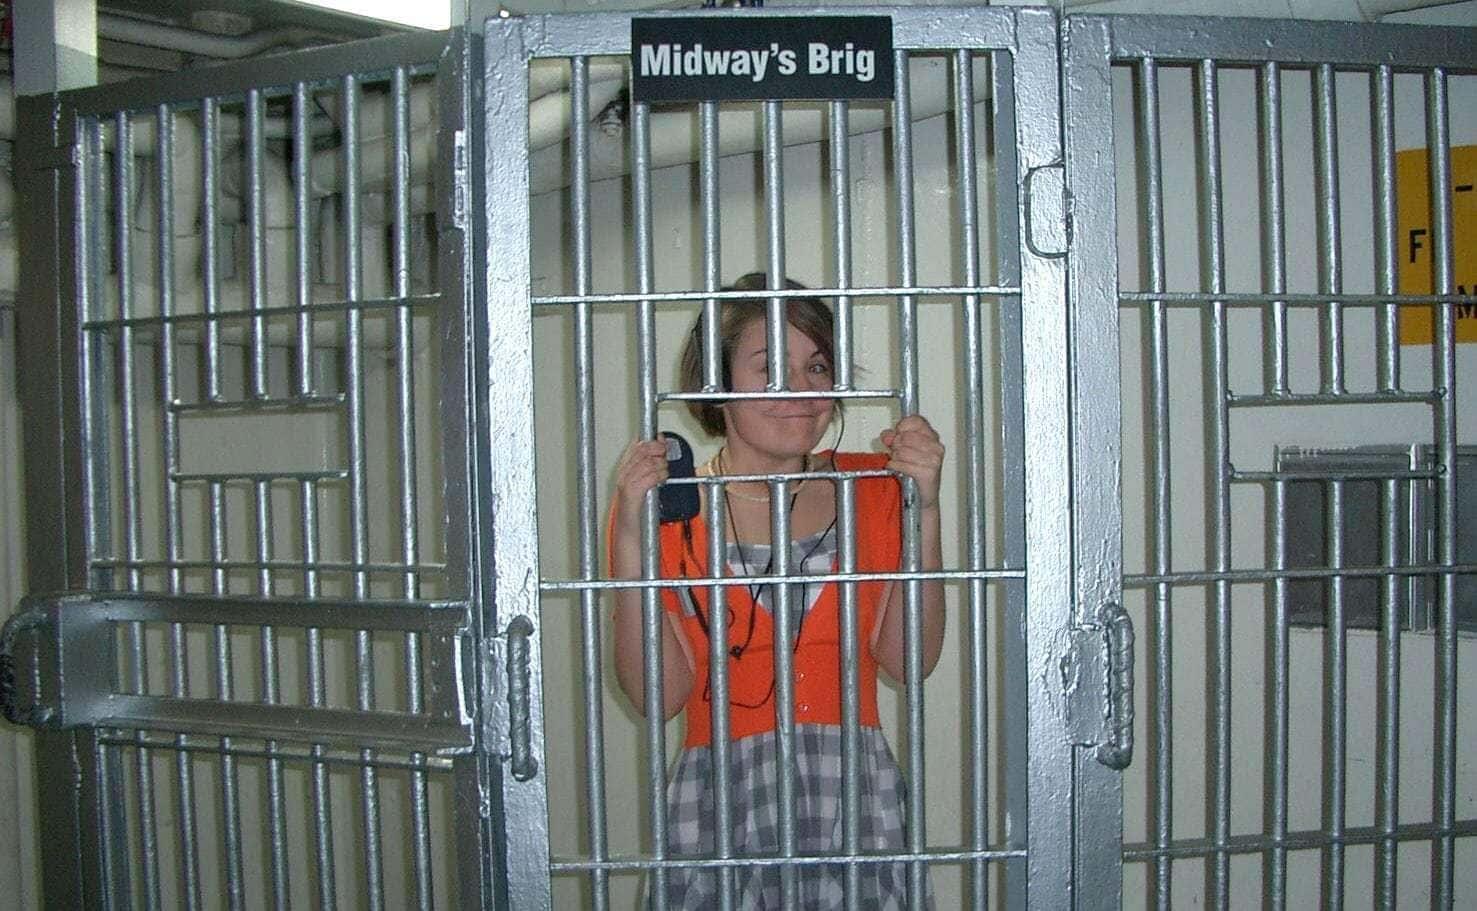 queen mary 2 brig